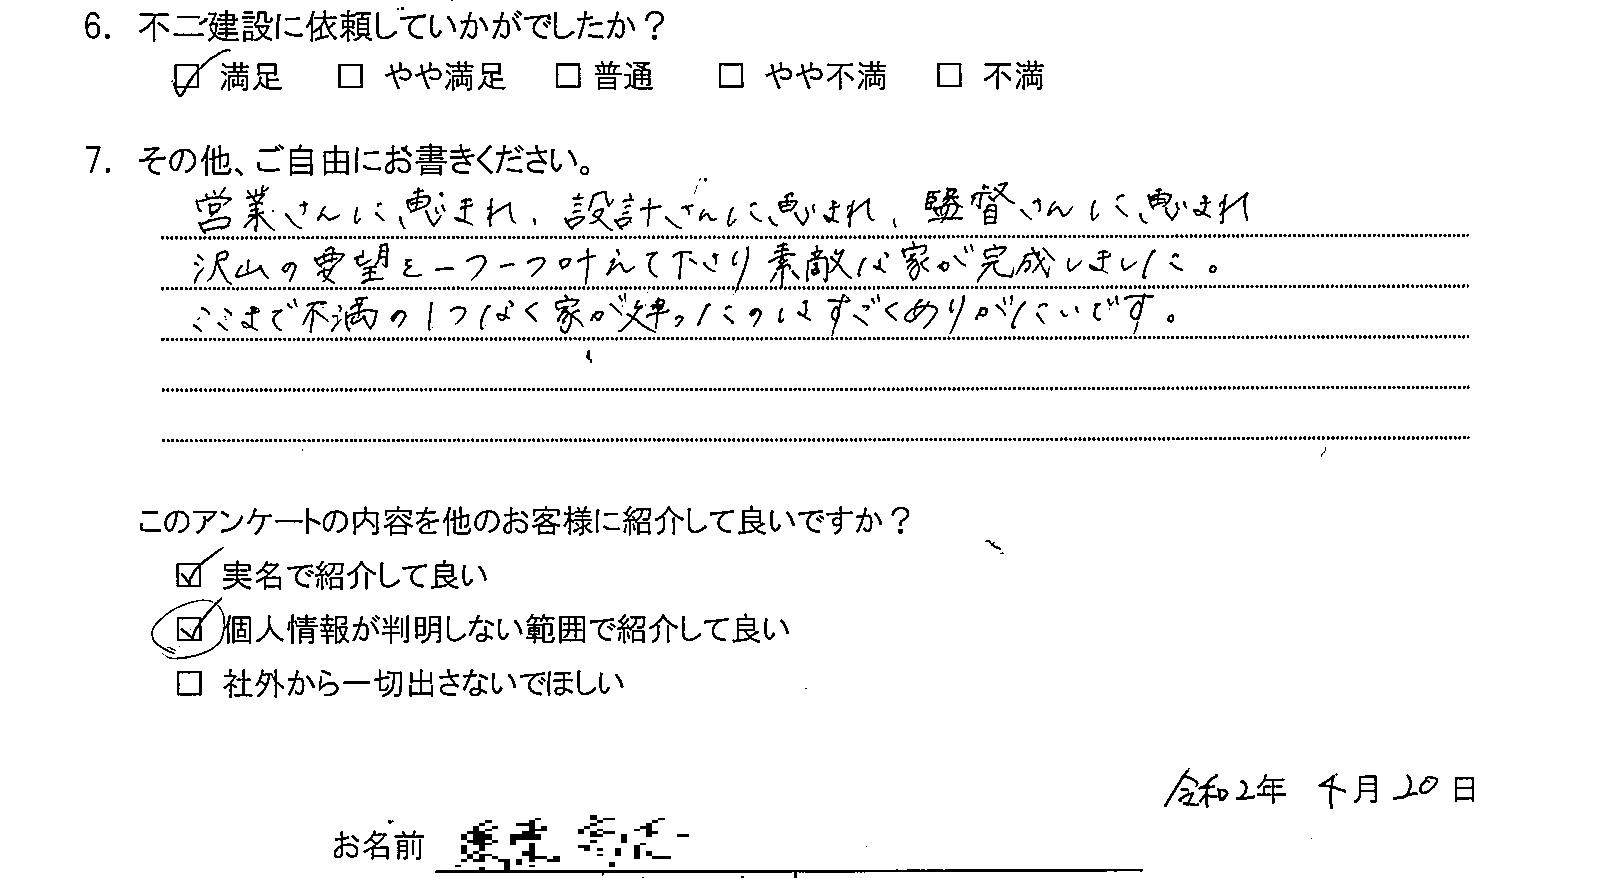 土浦市K様R2.4.20